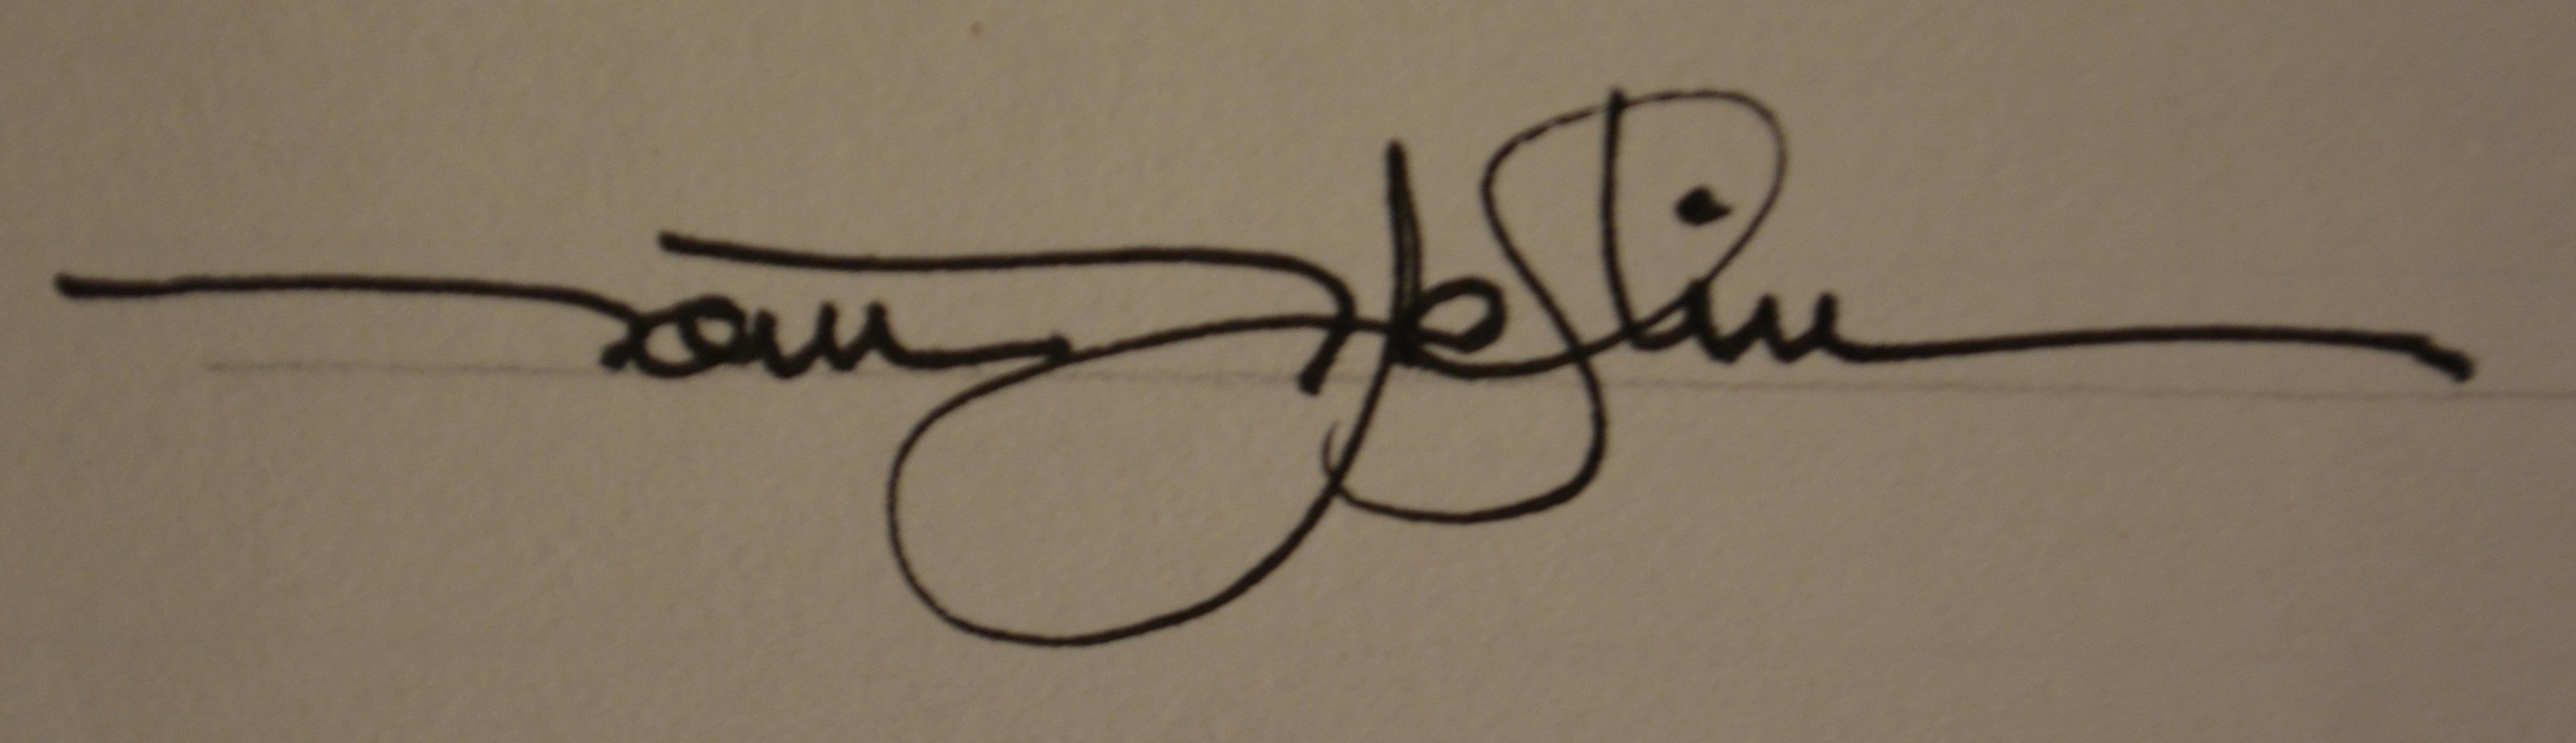 Thomas Patrick Heflin's Signature